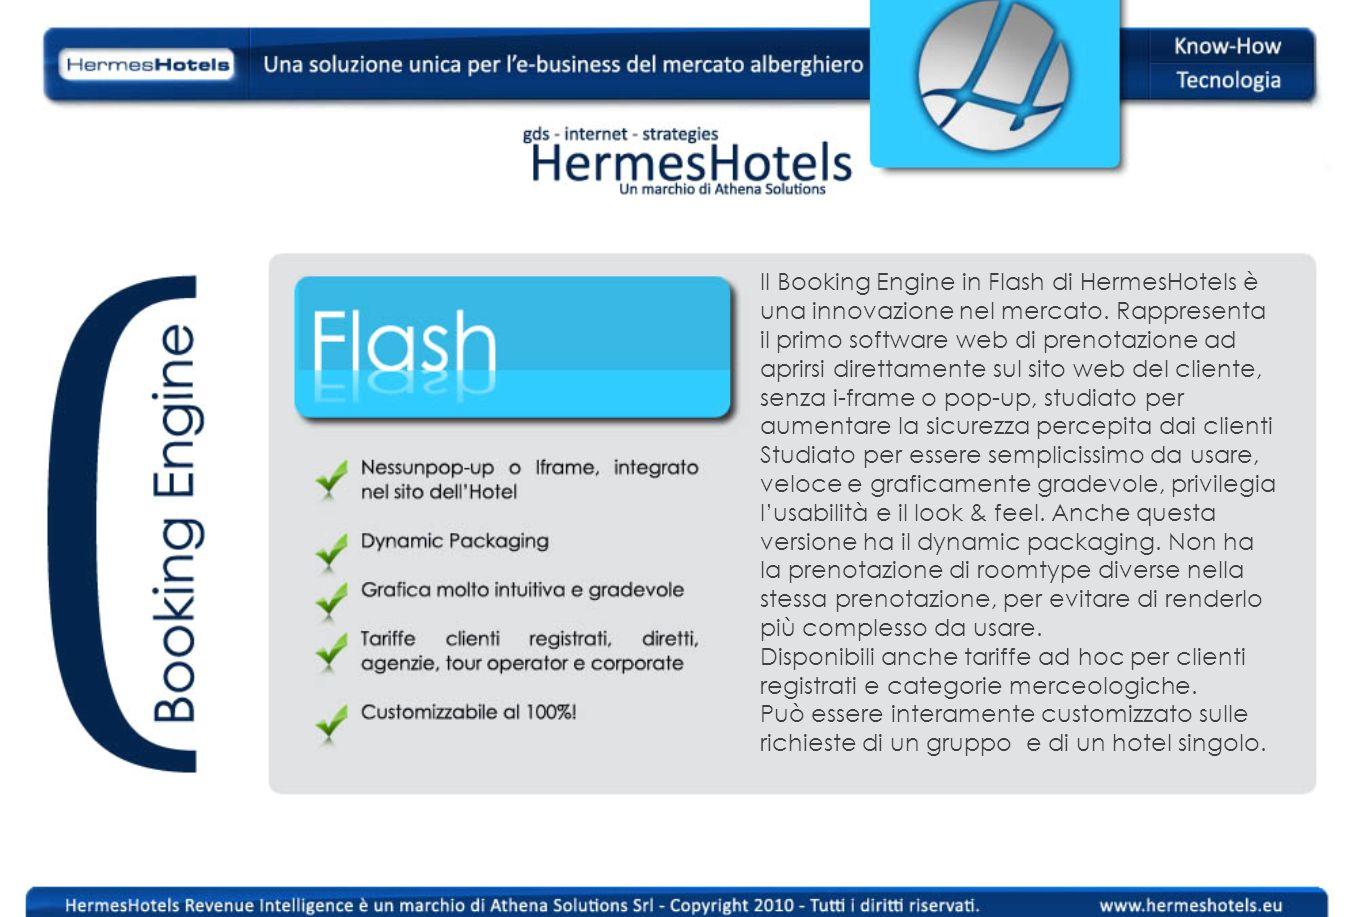 Il Booking Engine in Flash di HermesHotels è una innovazione nel mercato. Rappresenta il primo software web di prenotazione ad aprirsi direttamente su